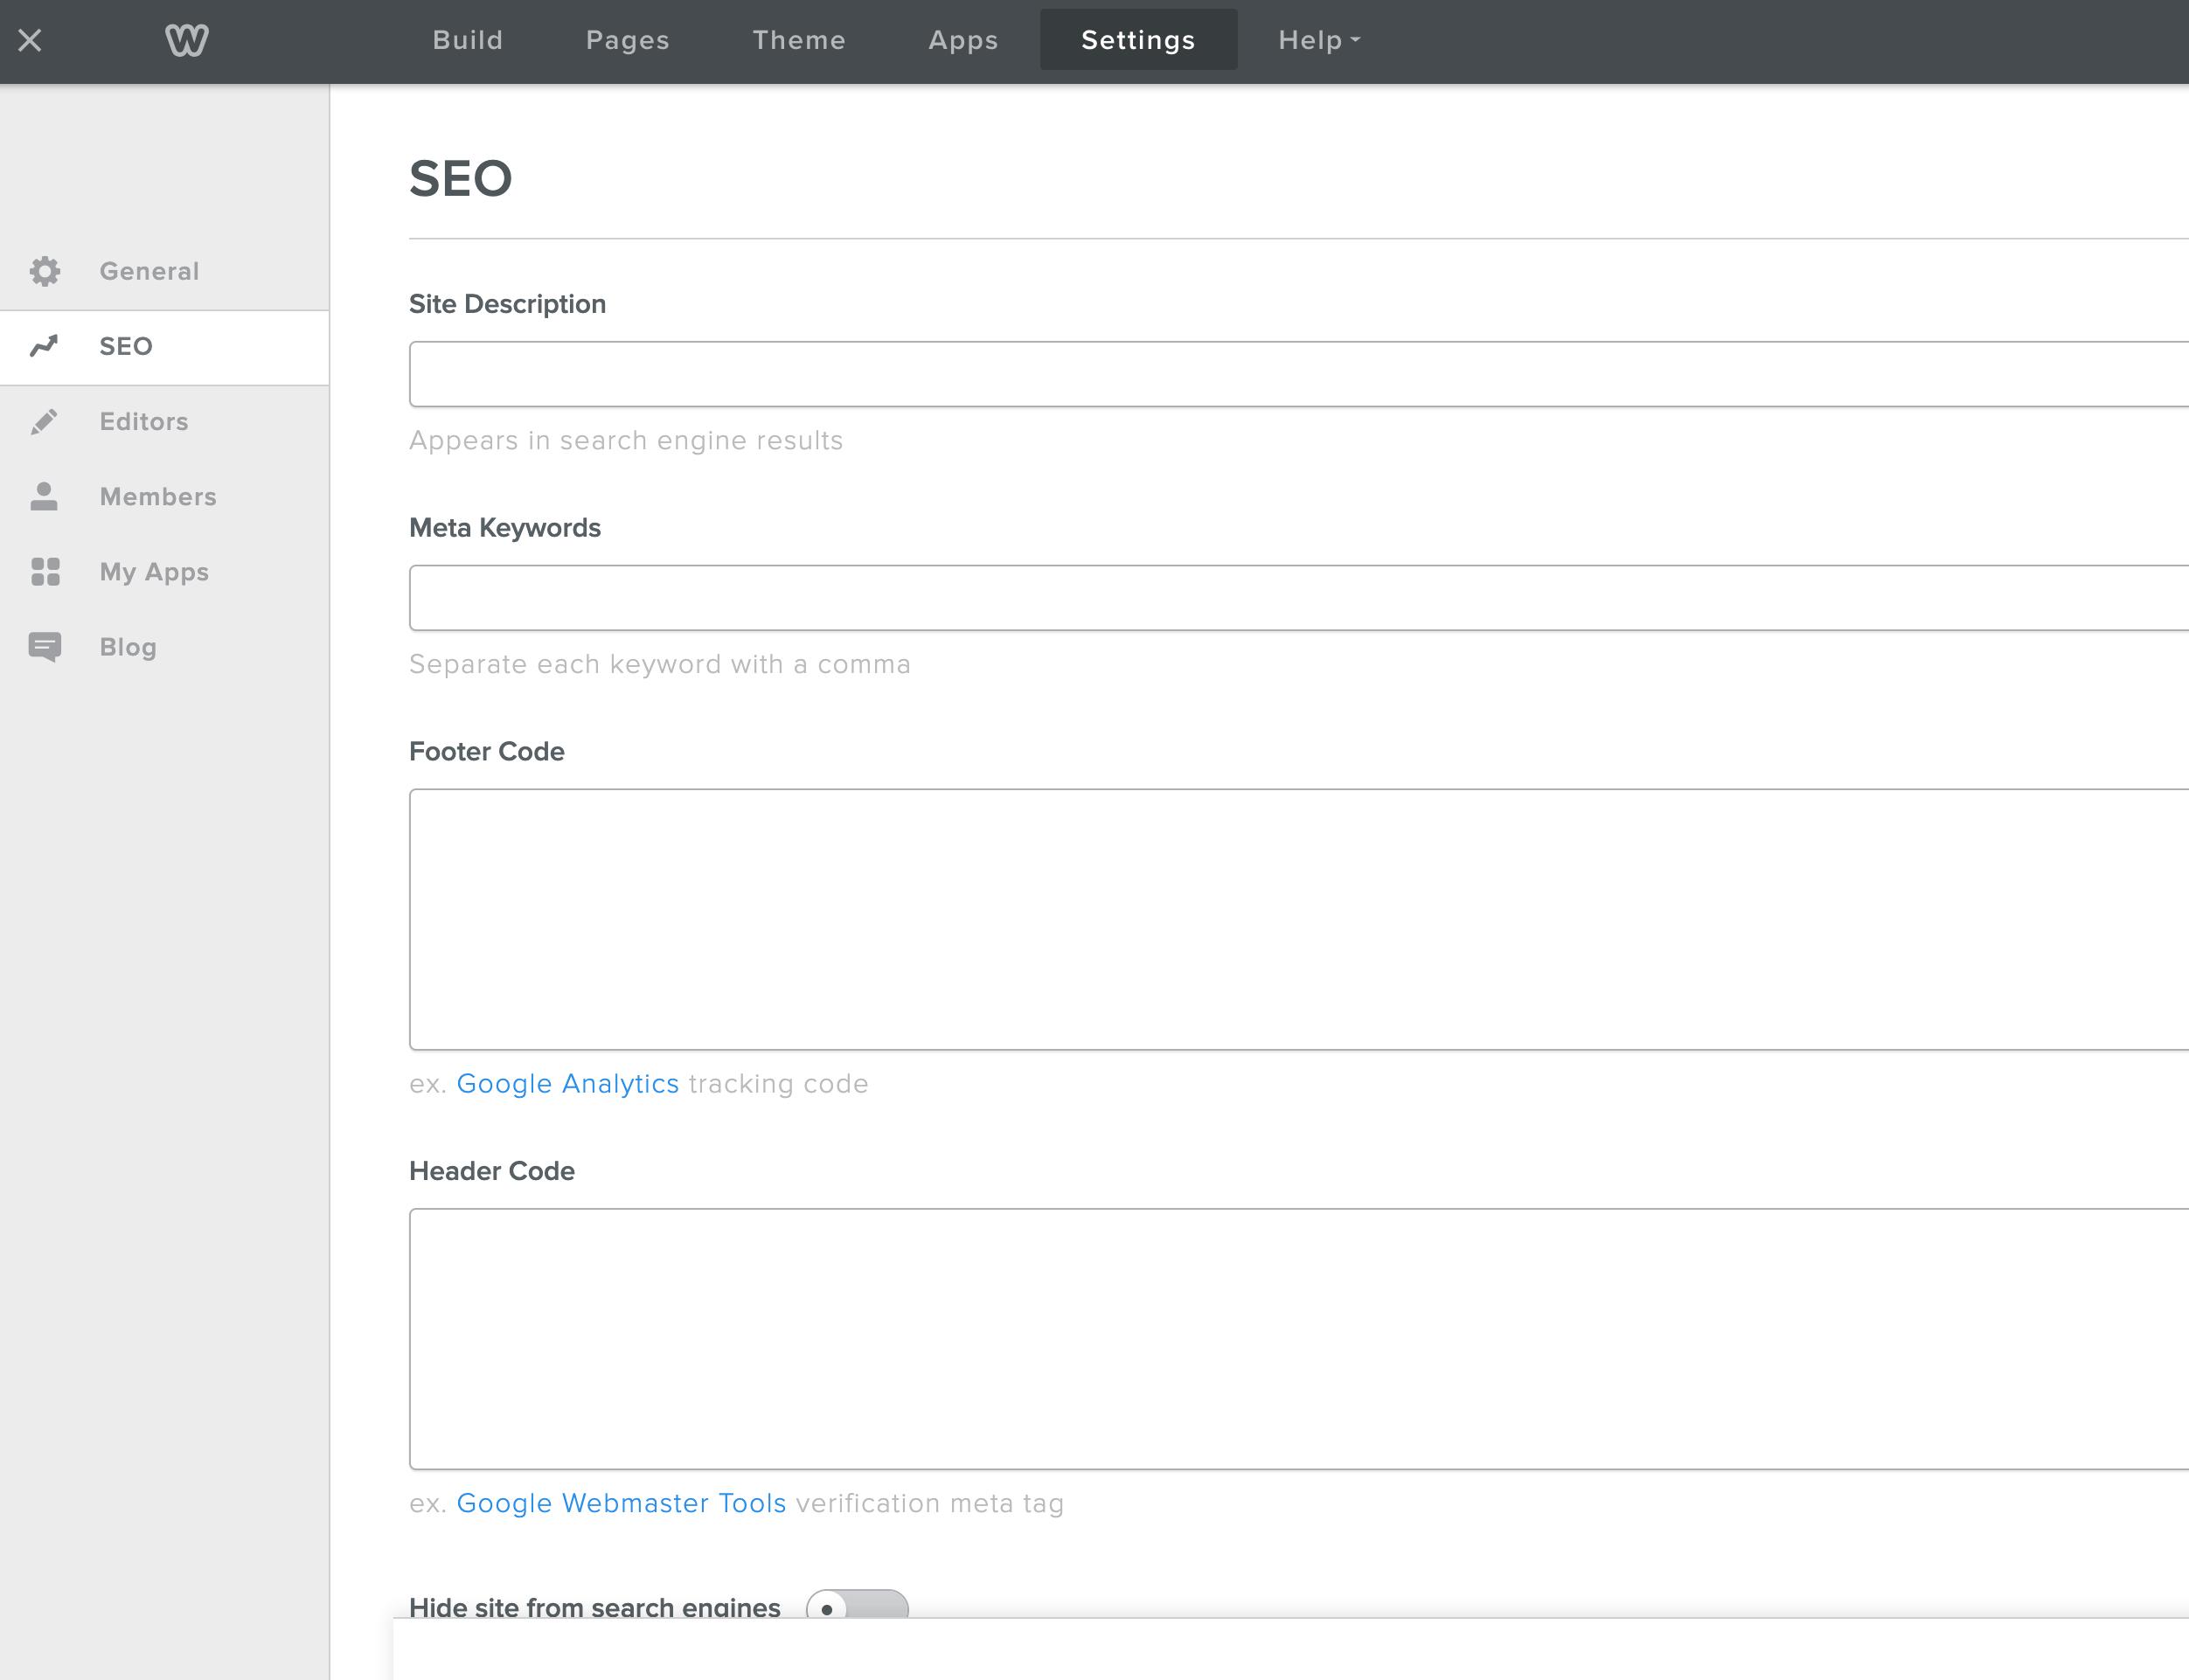 Opzioni per la configurazione SEO su Weebly